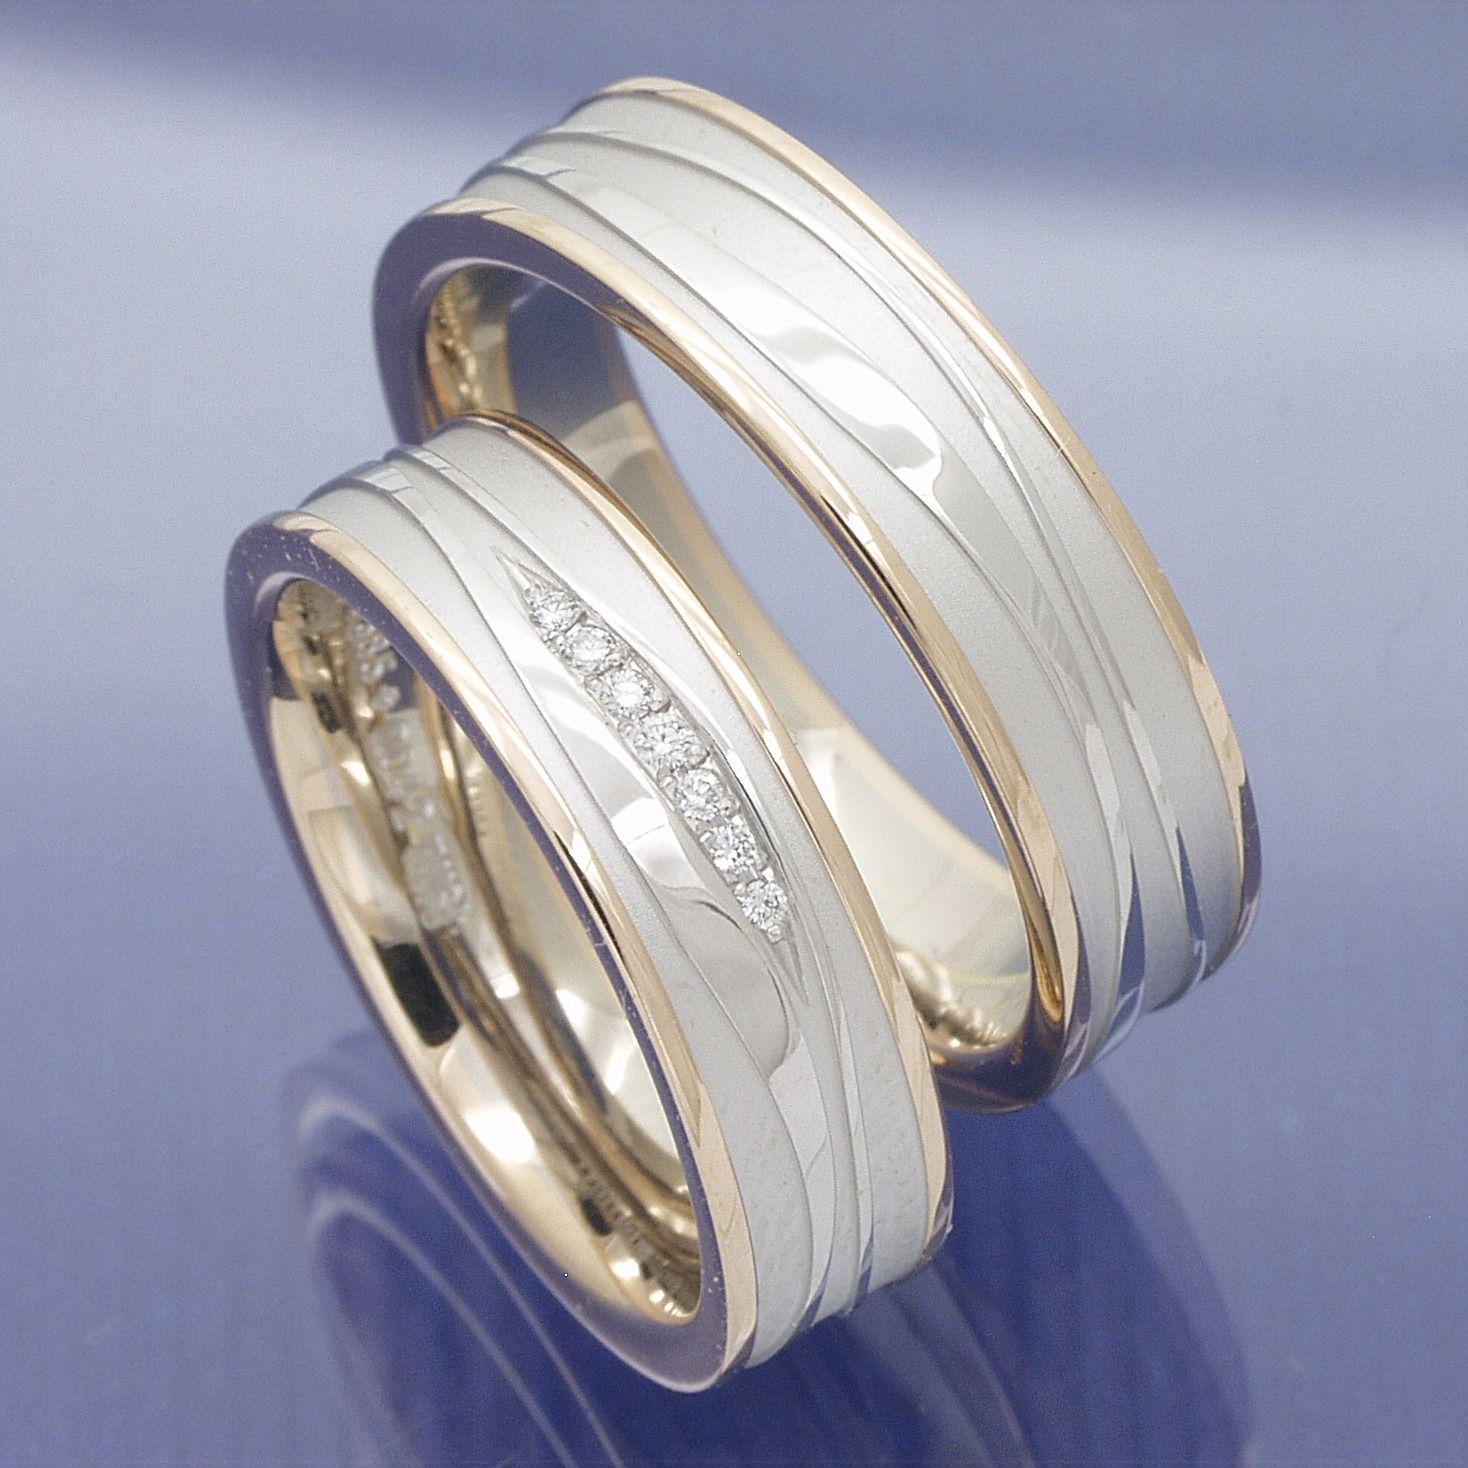 Moderne Trauringe 585 Rot Und Weissgold Einzigartige Trauringe Trauringe Ring Verlobung